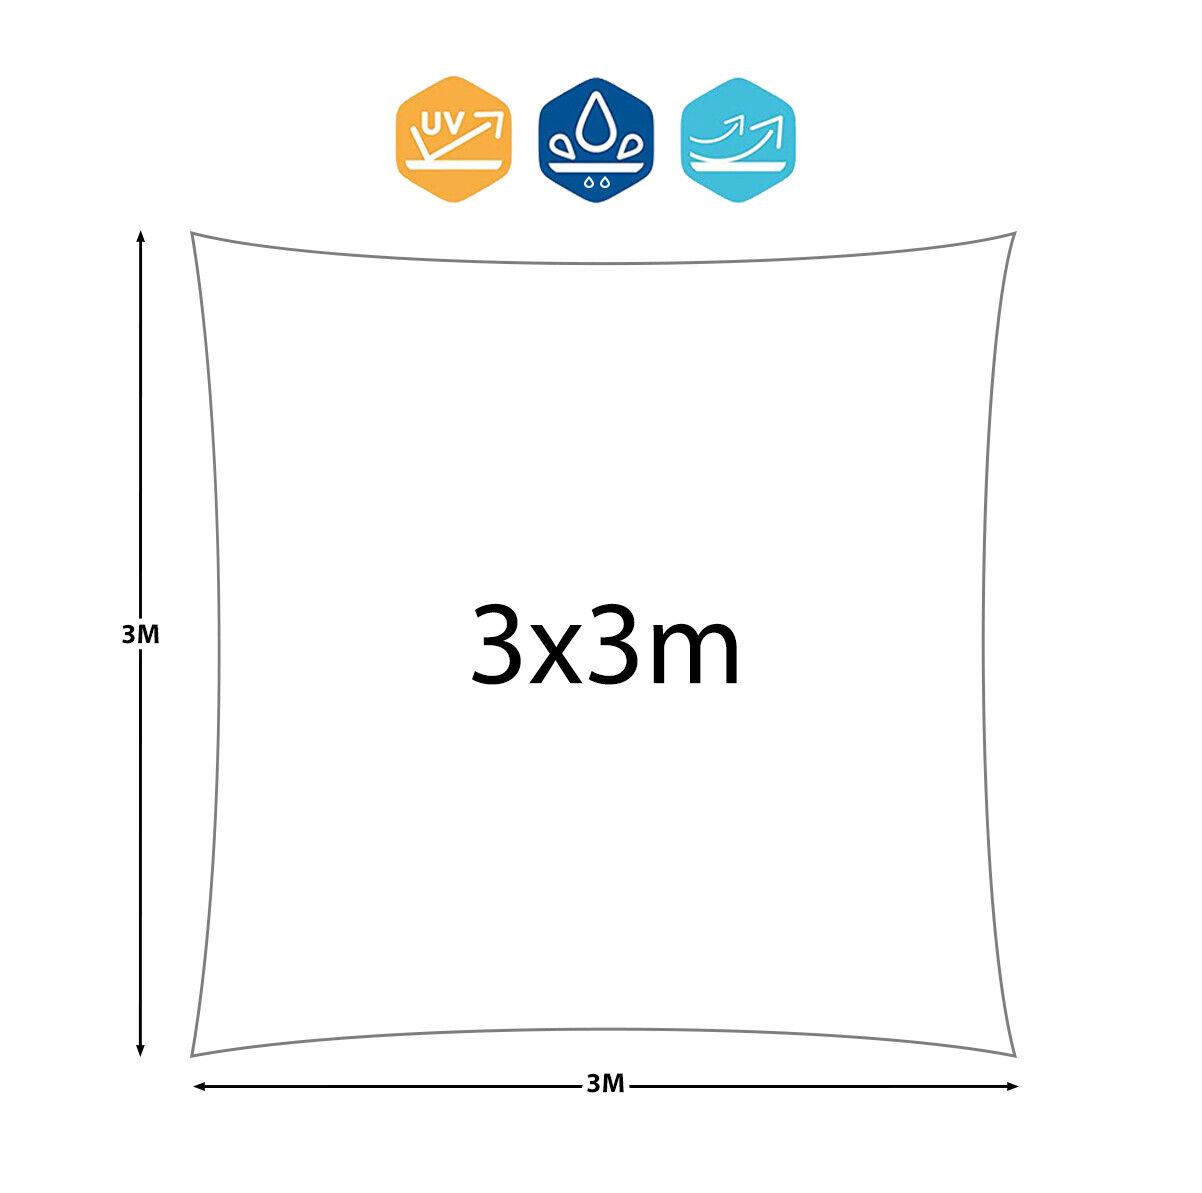 13,99 € per Tenda A Vela Quadrata Ombreggiante Telo Sole Ombra Giardino Parasole 3 5 6 Mt su eBay.it